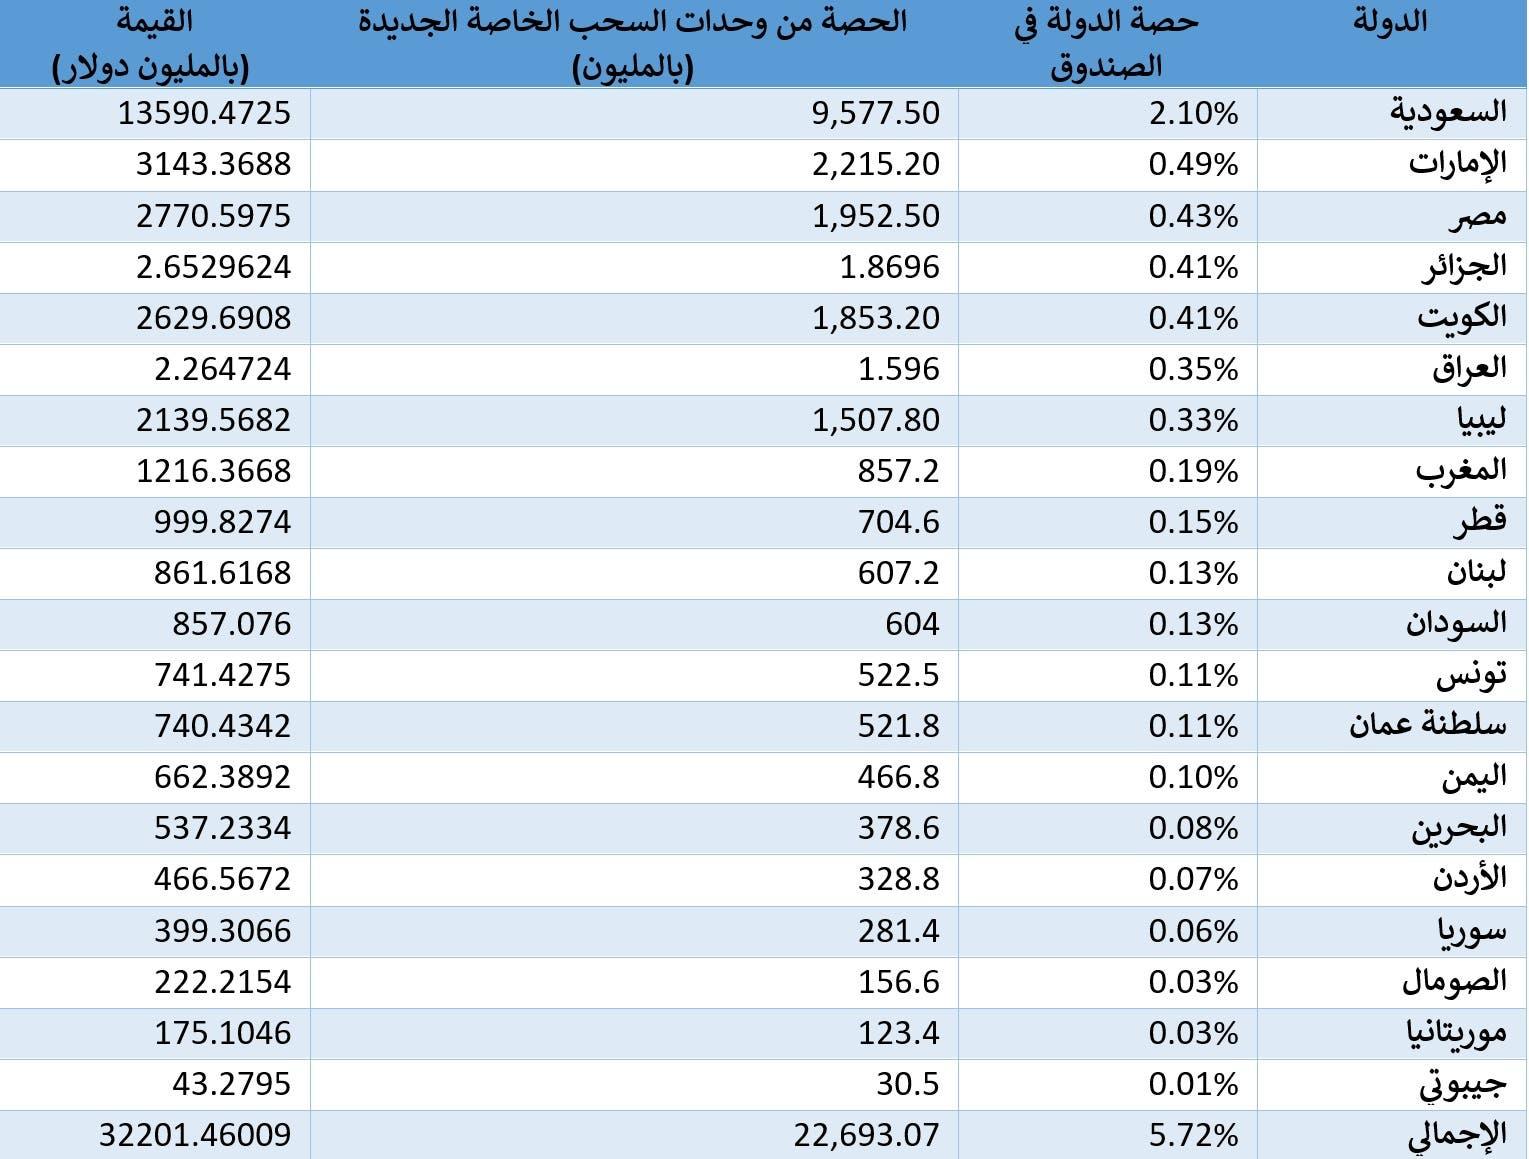 حصة الدول العربية في وحدات السحب الخاصة وقيمتها